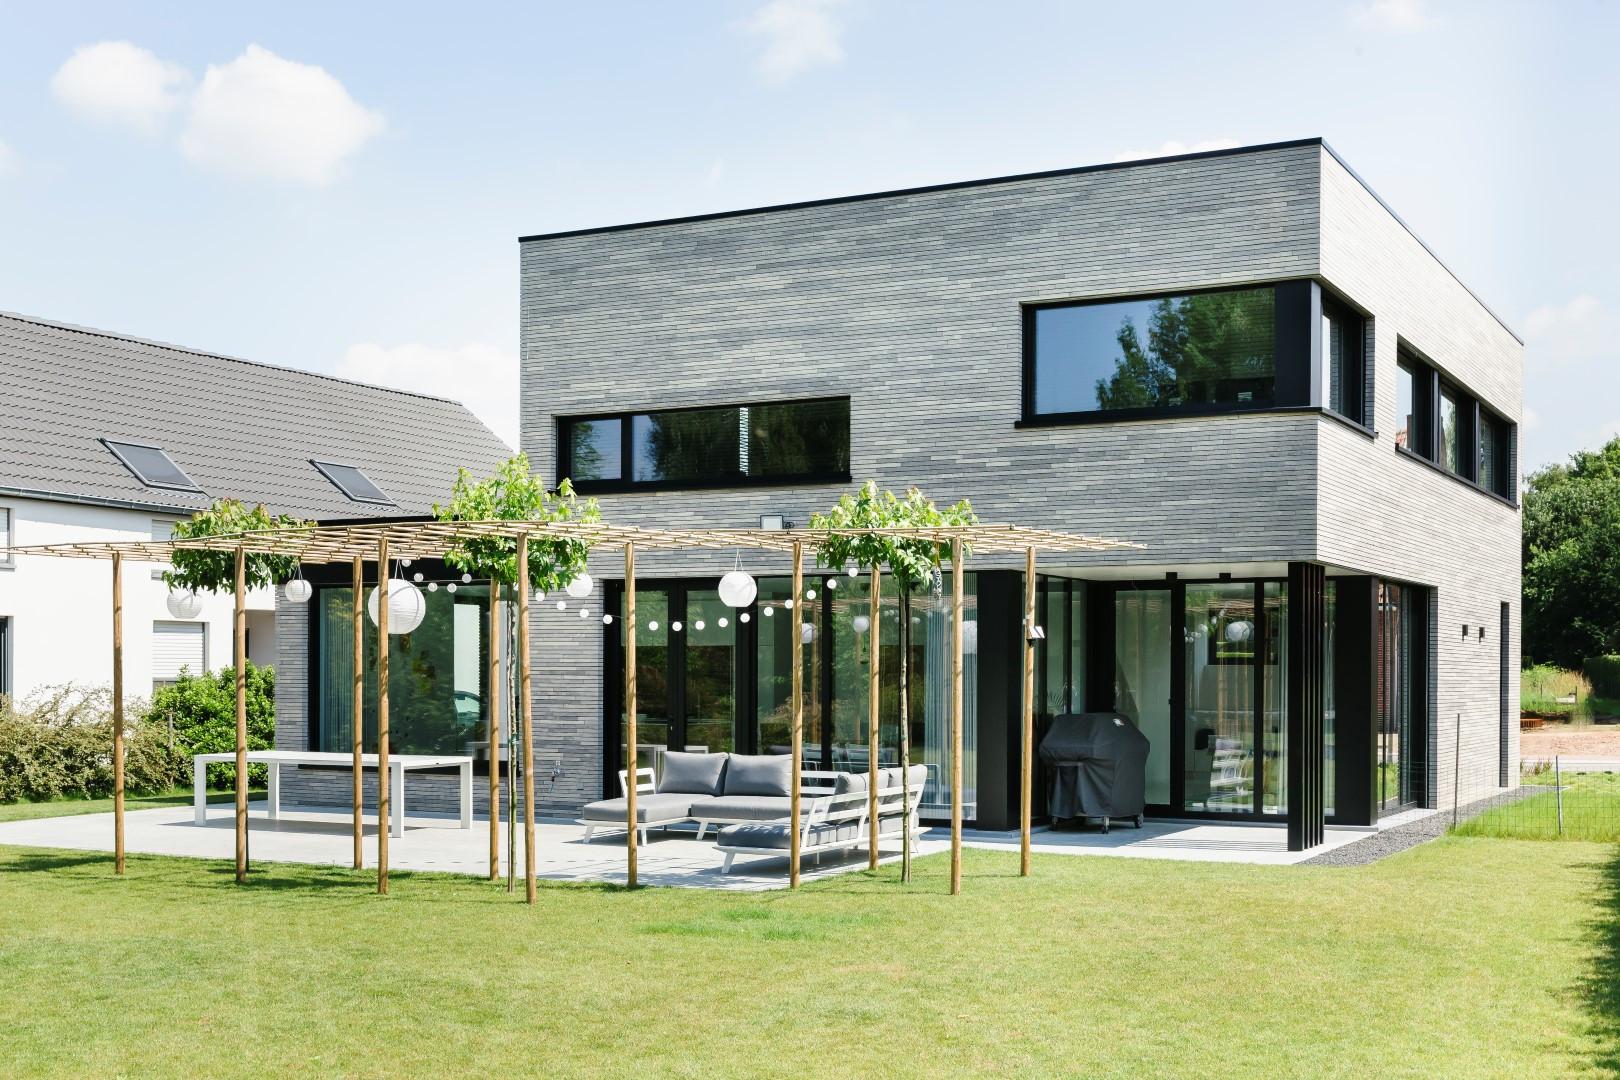 STAM architecten_Woning SCHR_c_The Fresh Light _043 (Large)